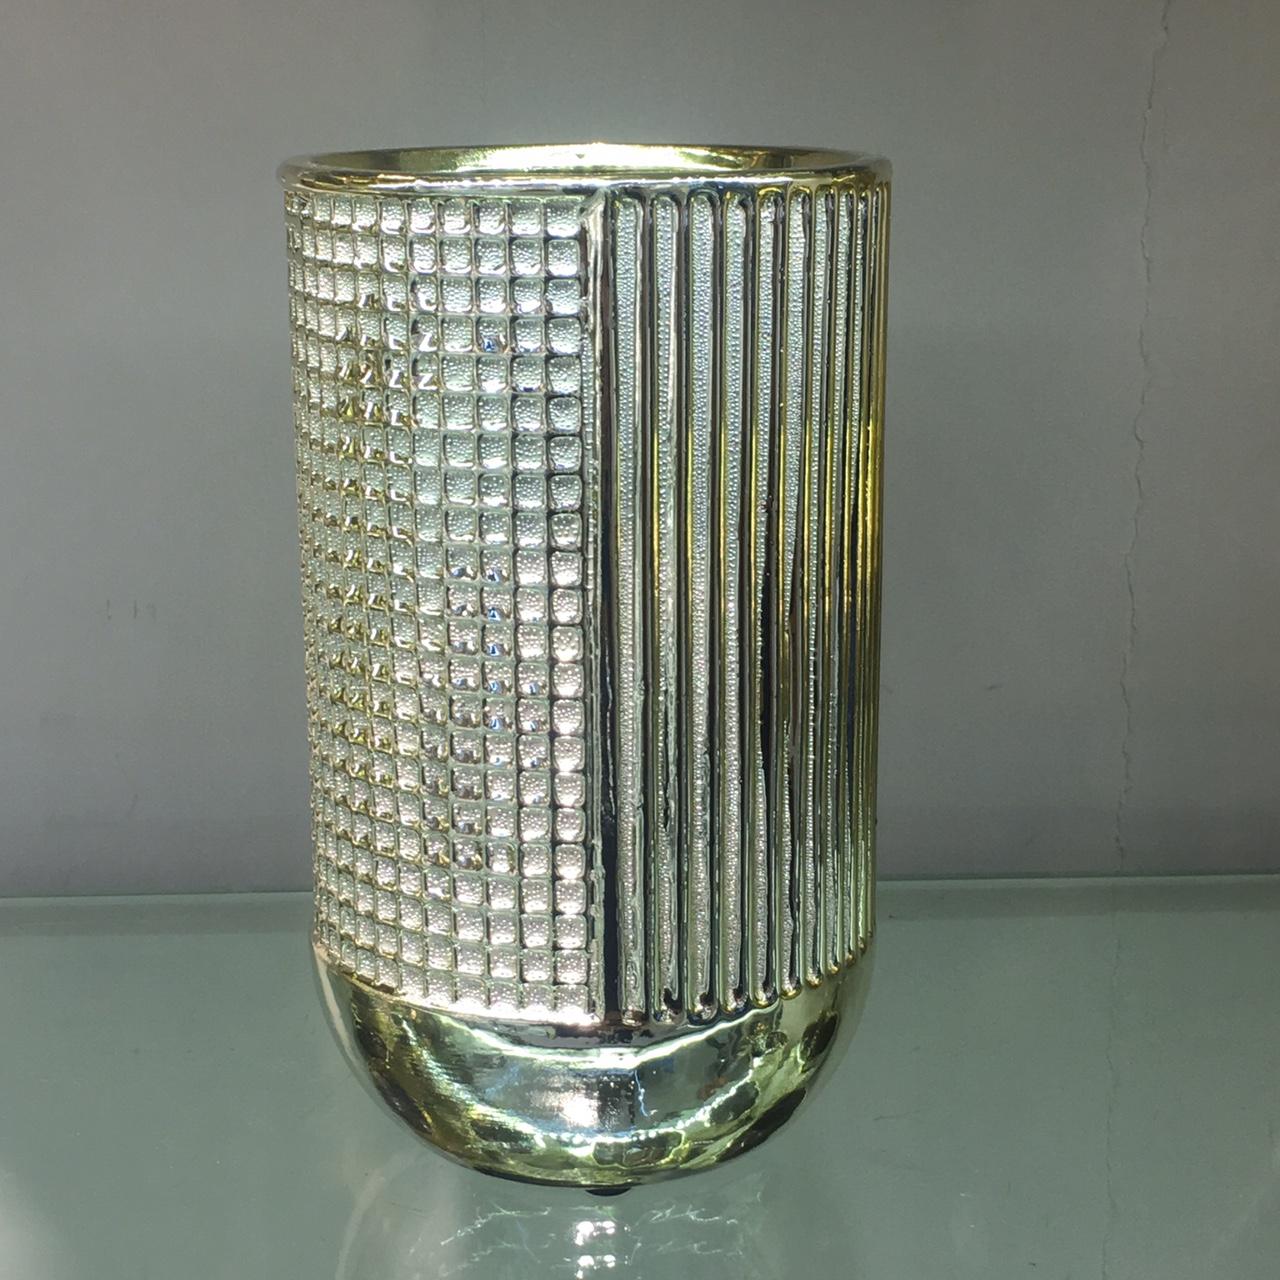 轻奢现代陶瓷电镀花瓶客厅插花餐桌陶瓷家具装饰